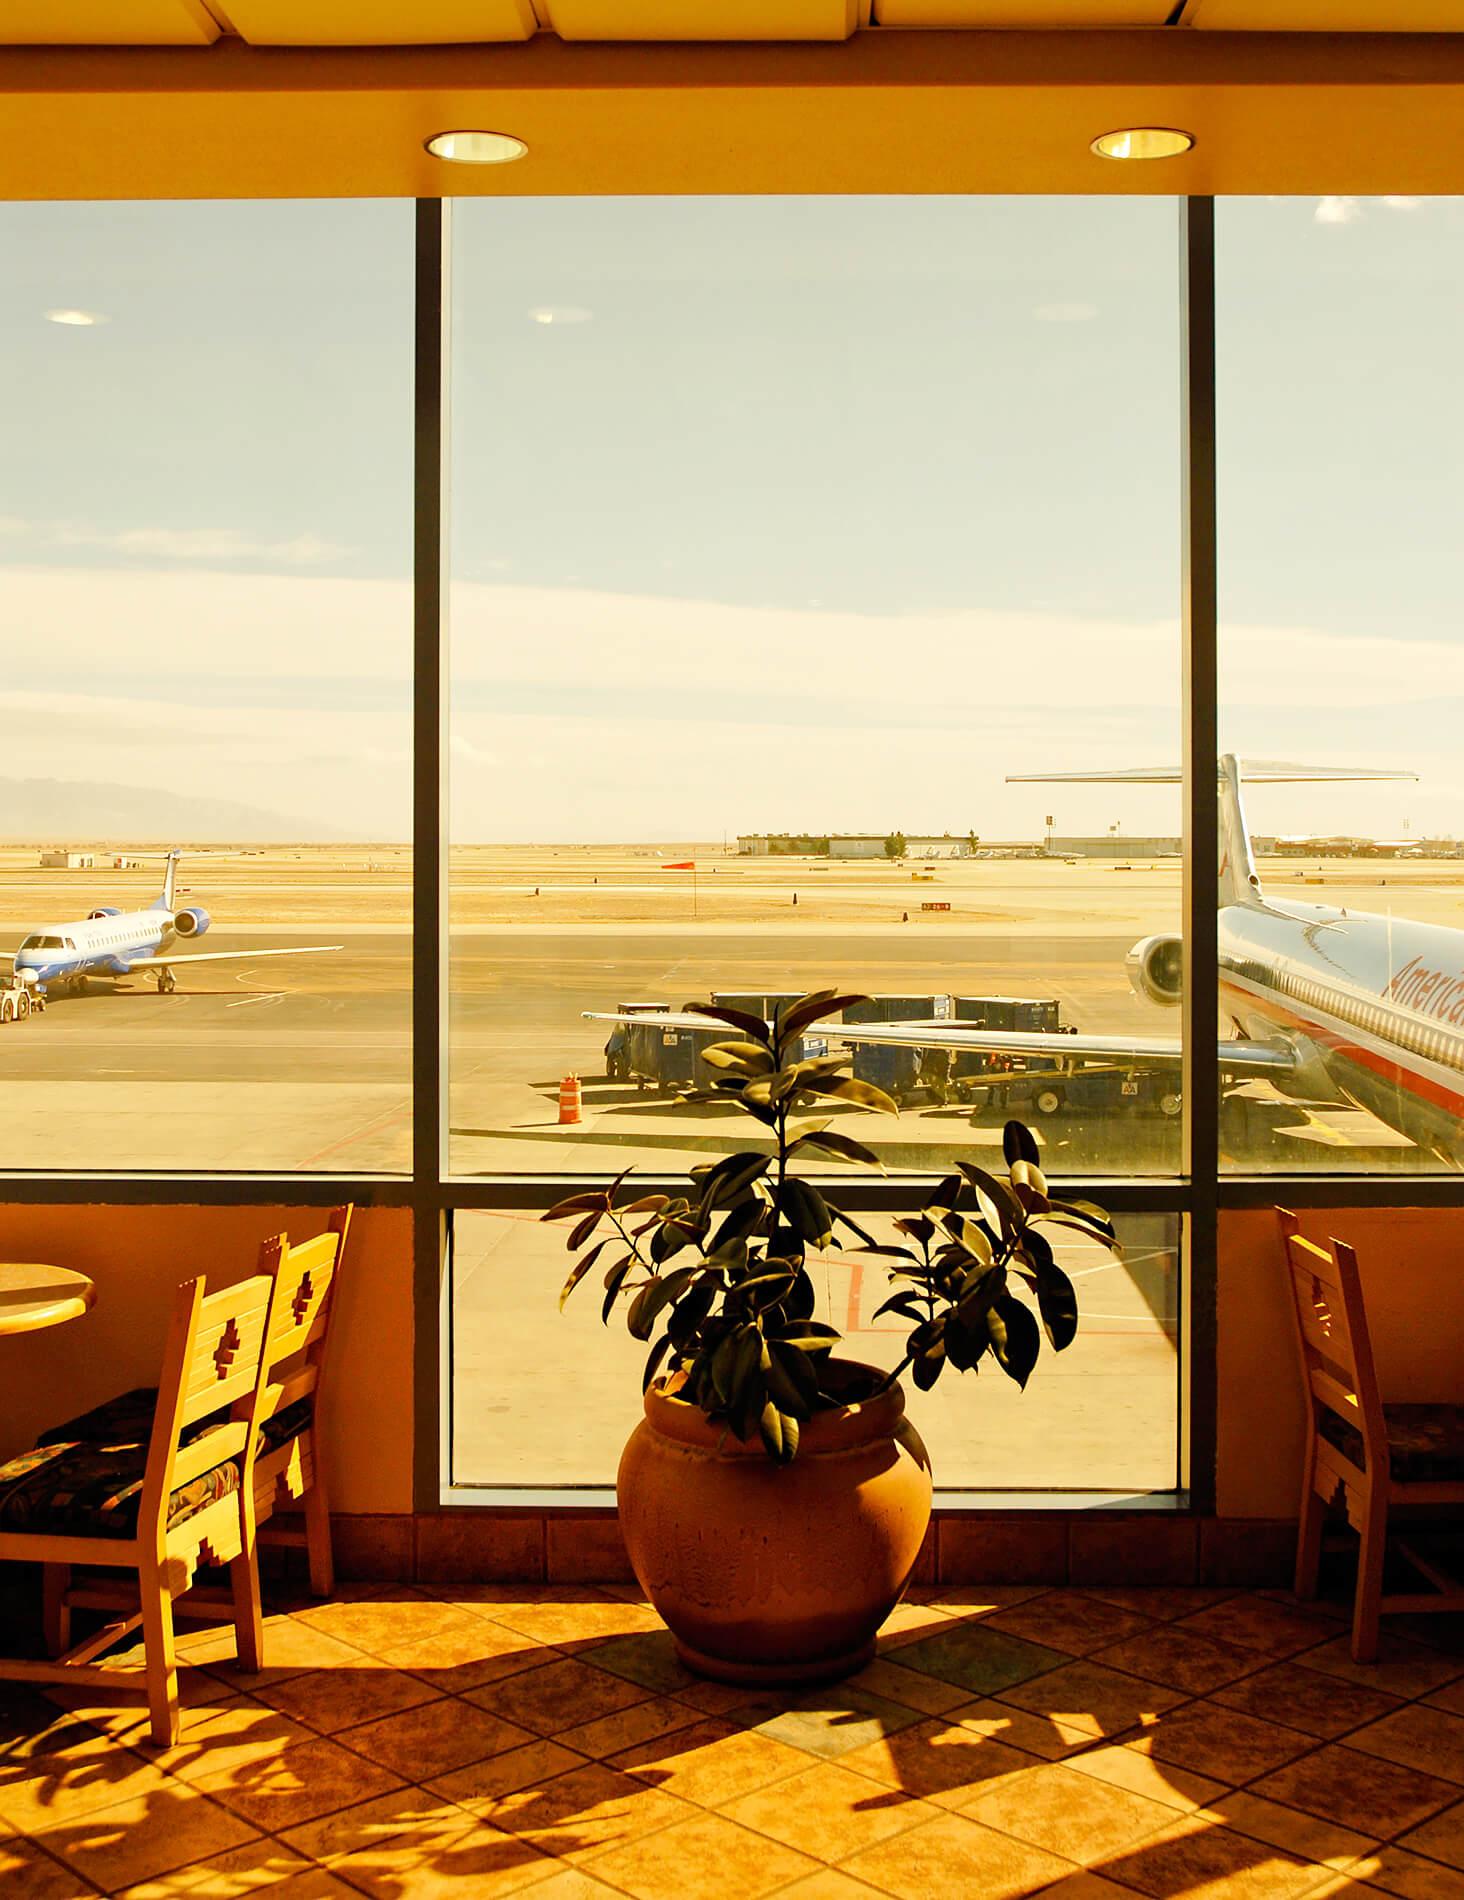 Albuquerque airport tarmac view